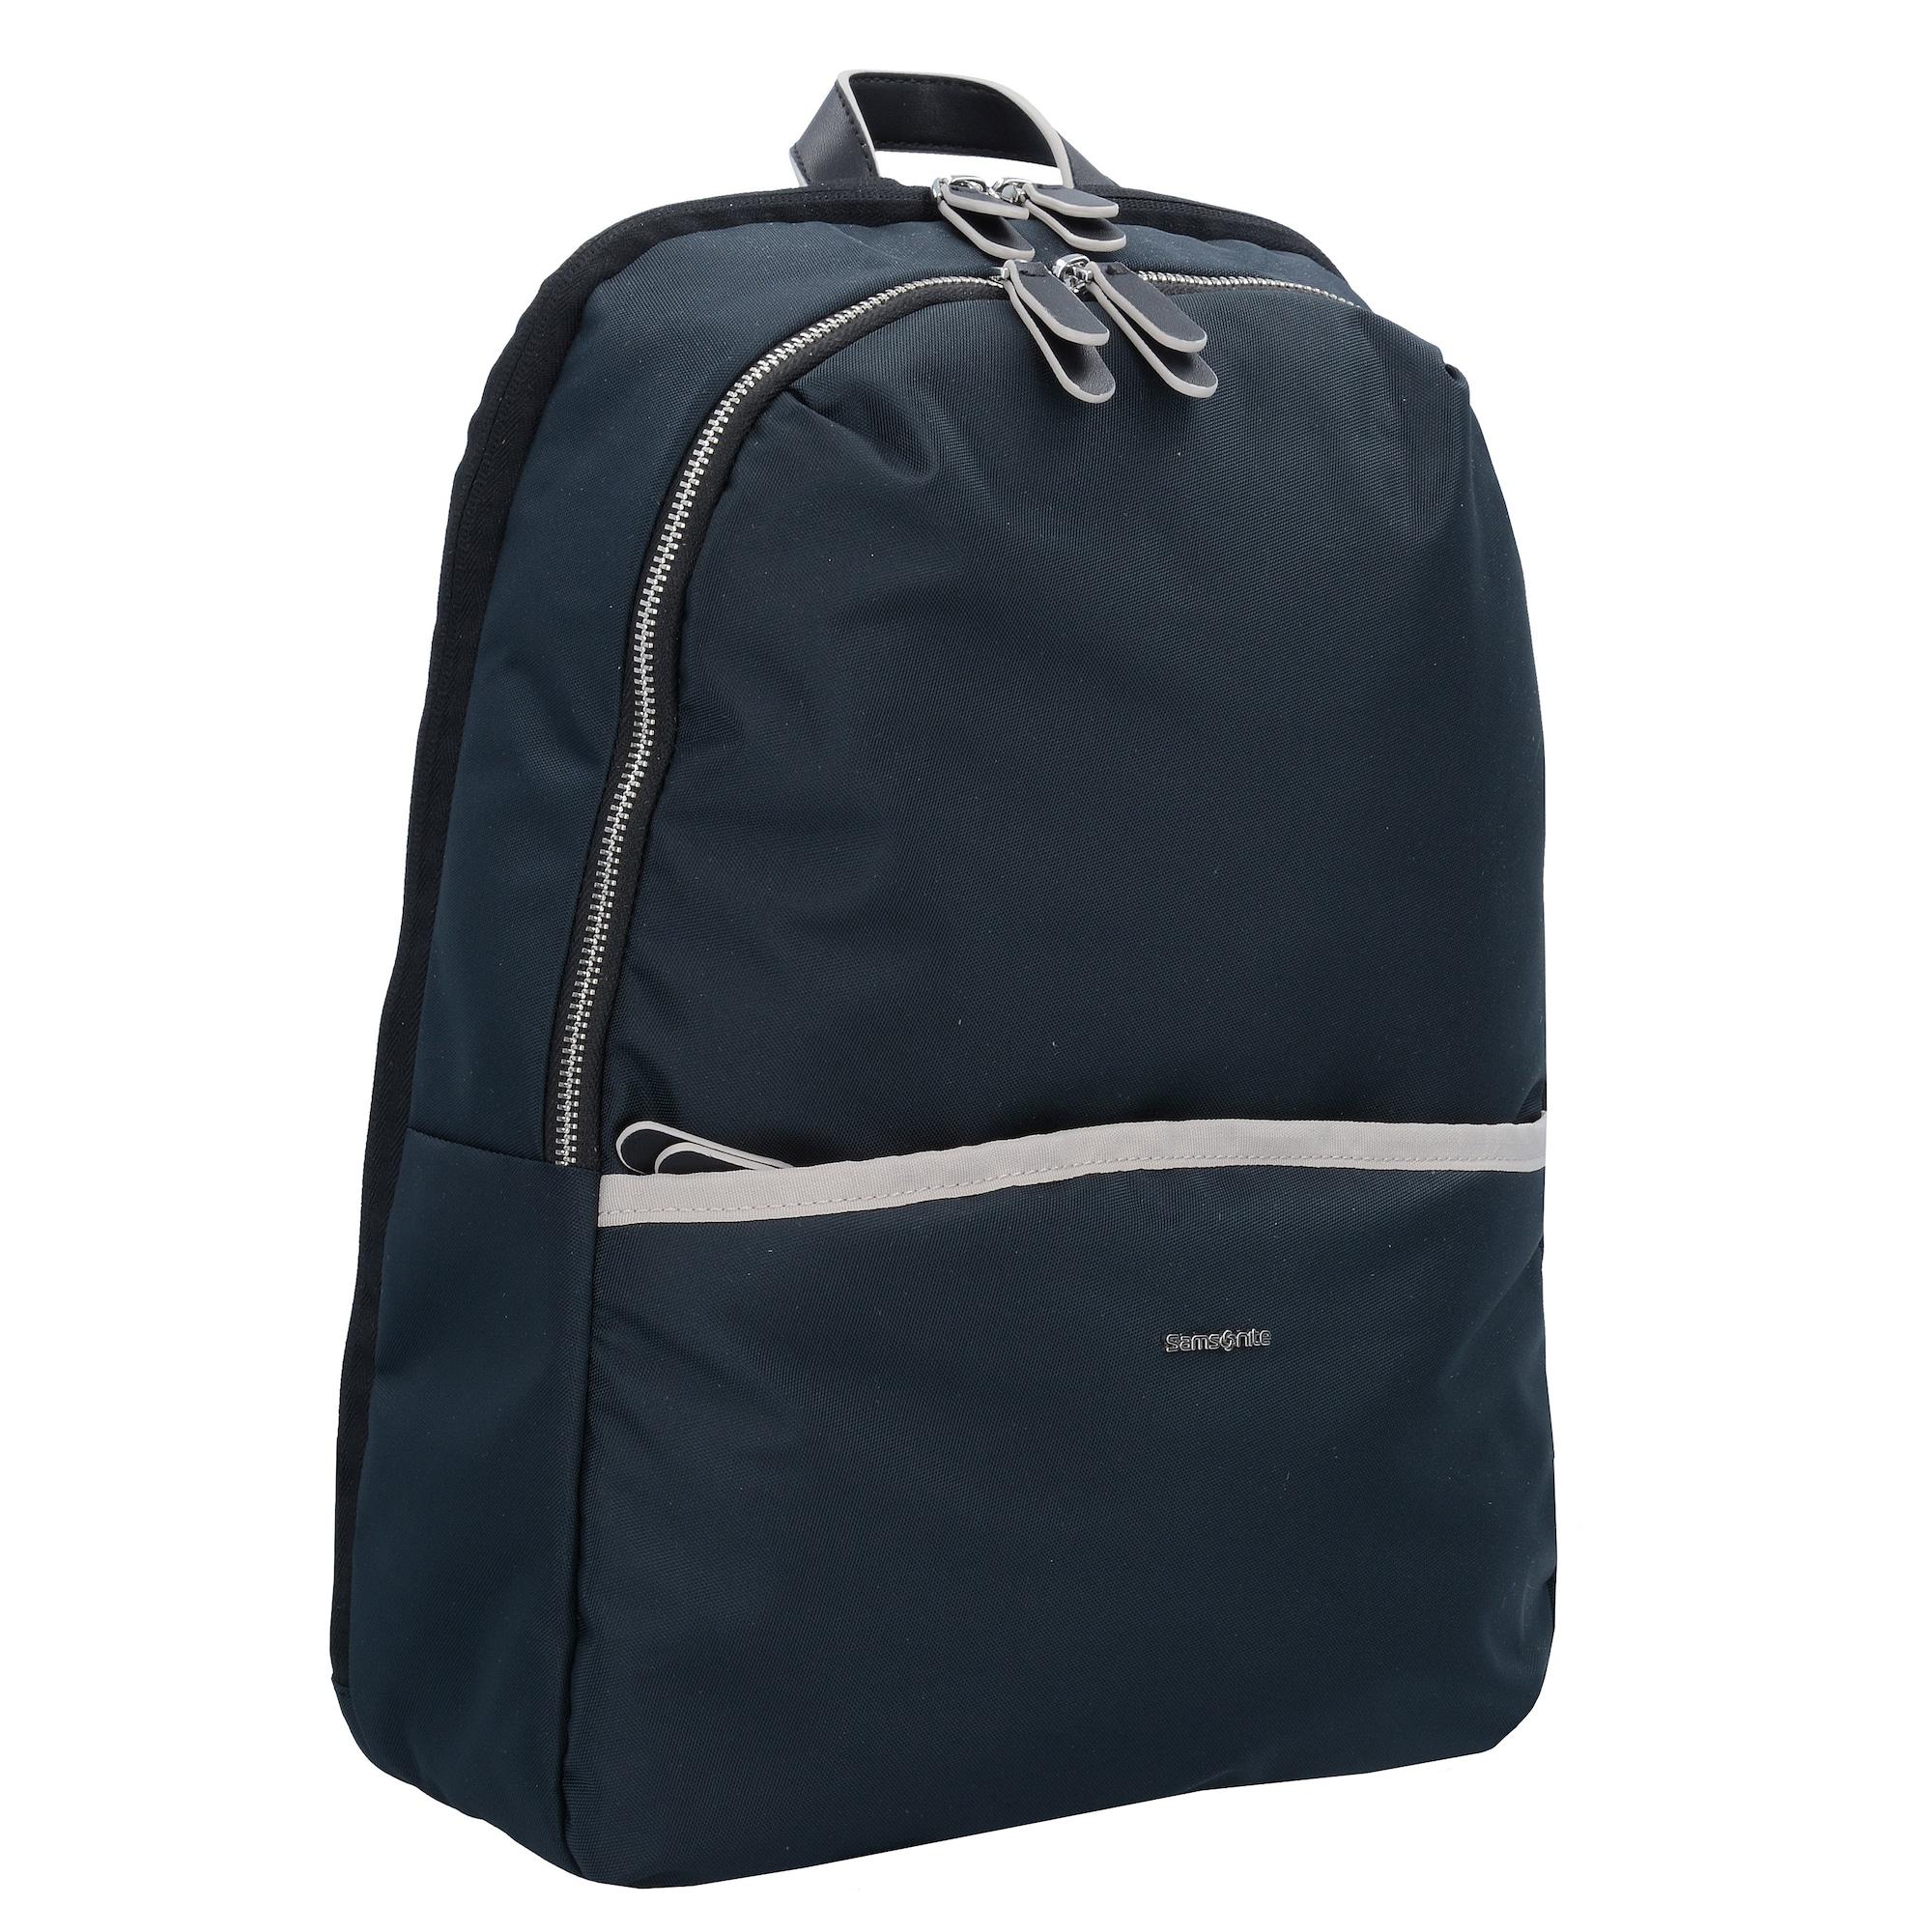 Nefti Rucksack 40 cm Laptopfach | Taschen > Rucksäcke > Sonstige Rucksäcke | Schwarz | Samsonite